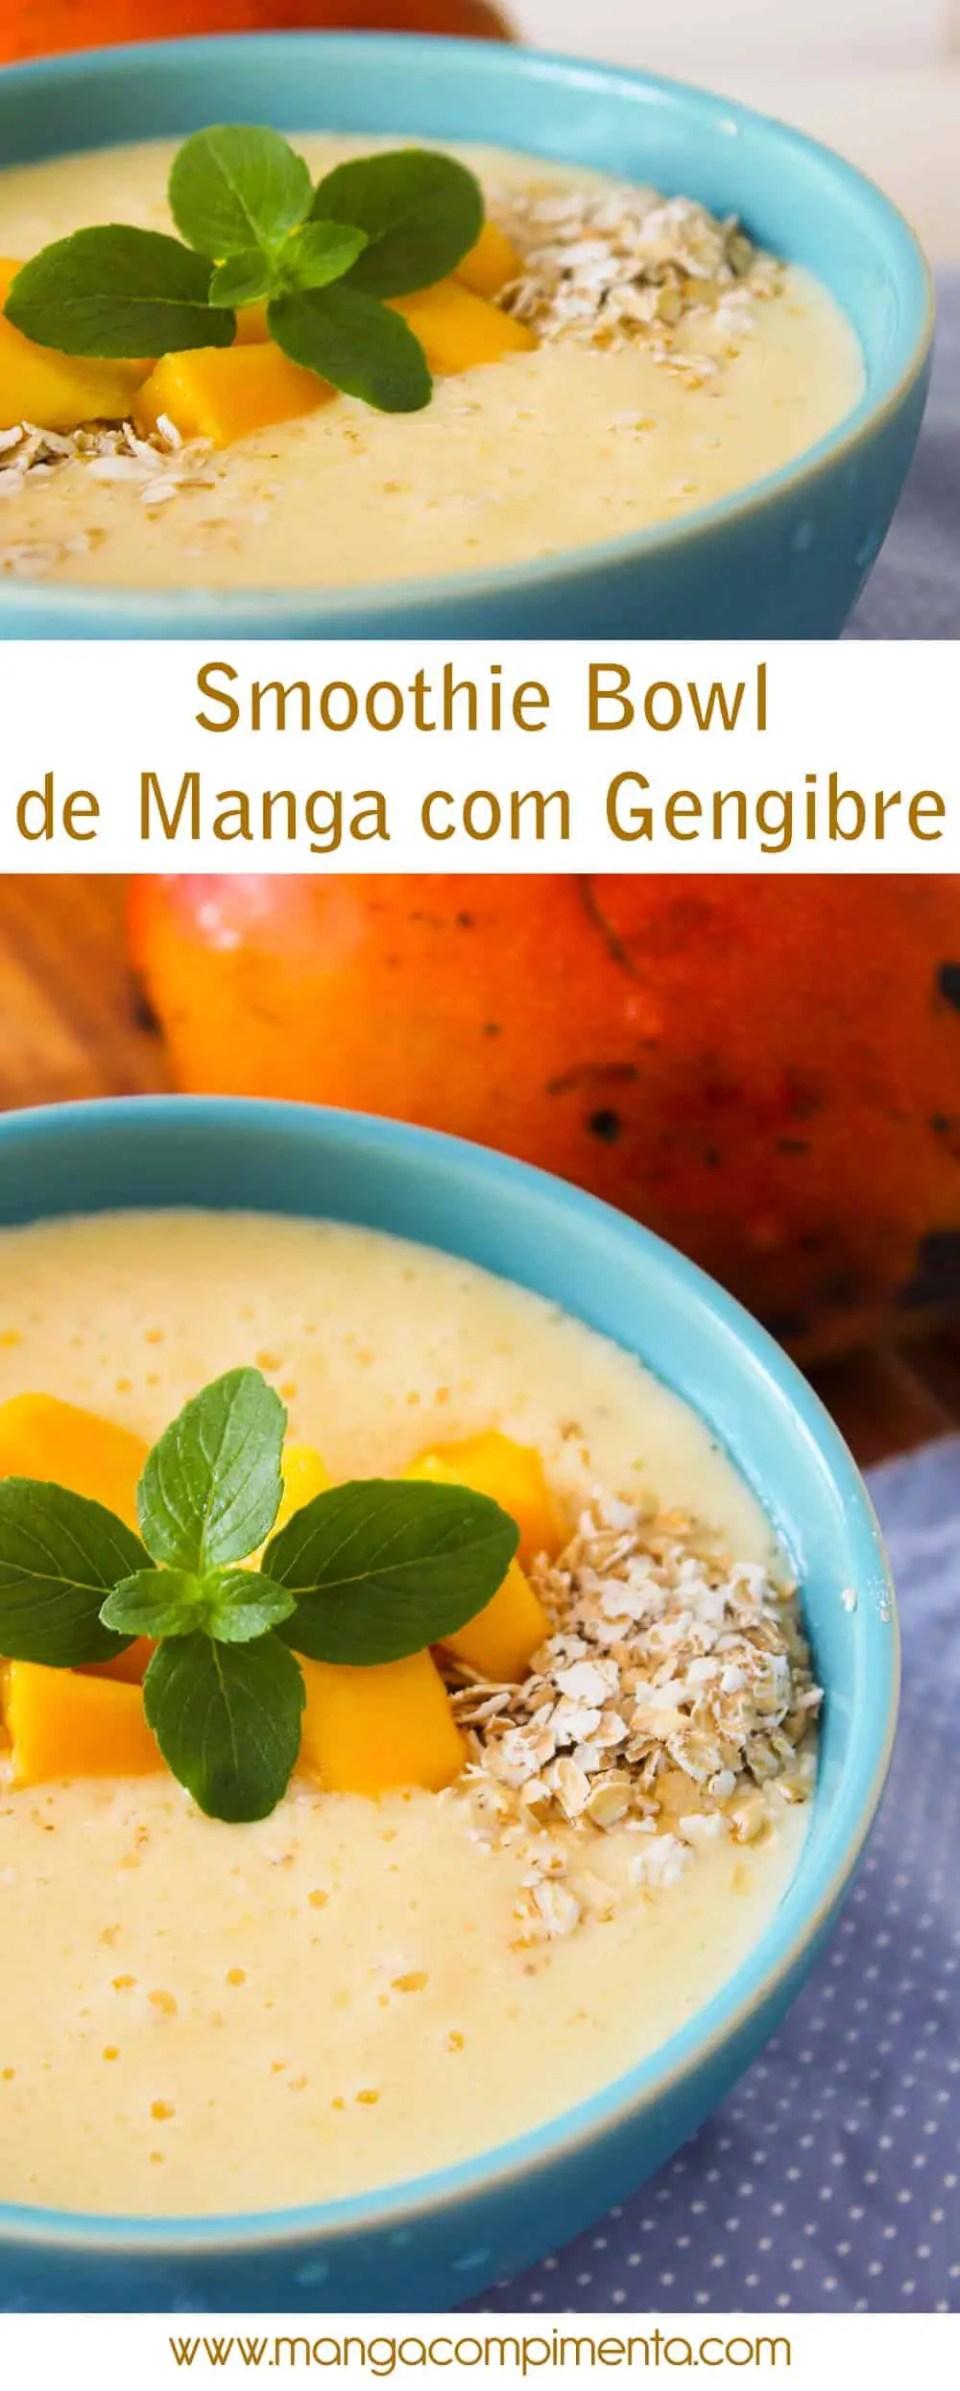 Smoothie Bowl de Manga com Gengibre | Para começar bem o dia com um ótimo café da manhã!